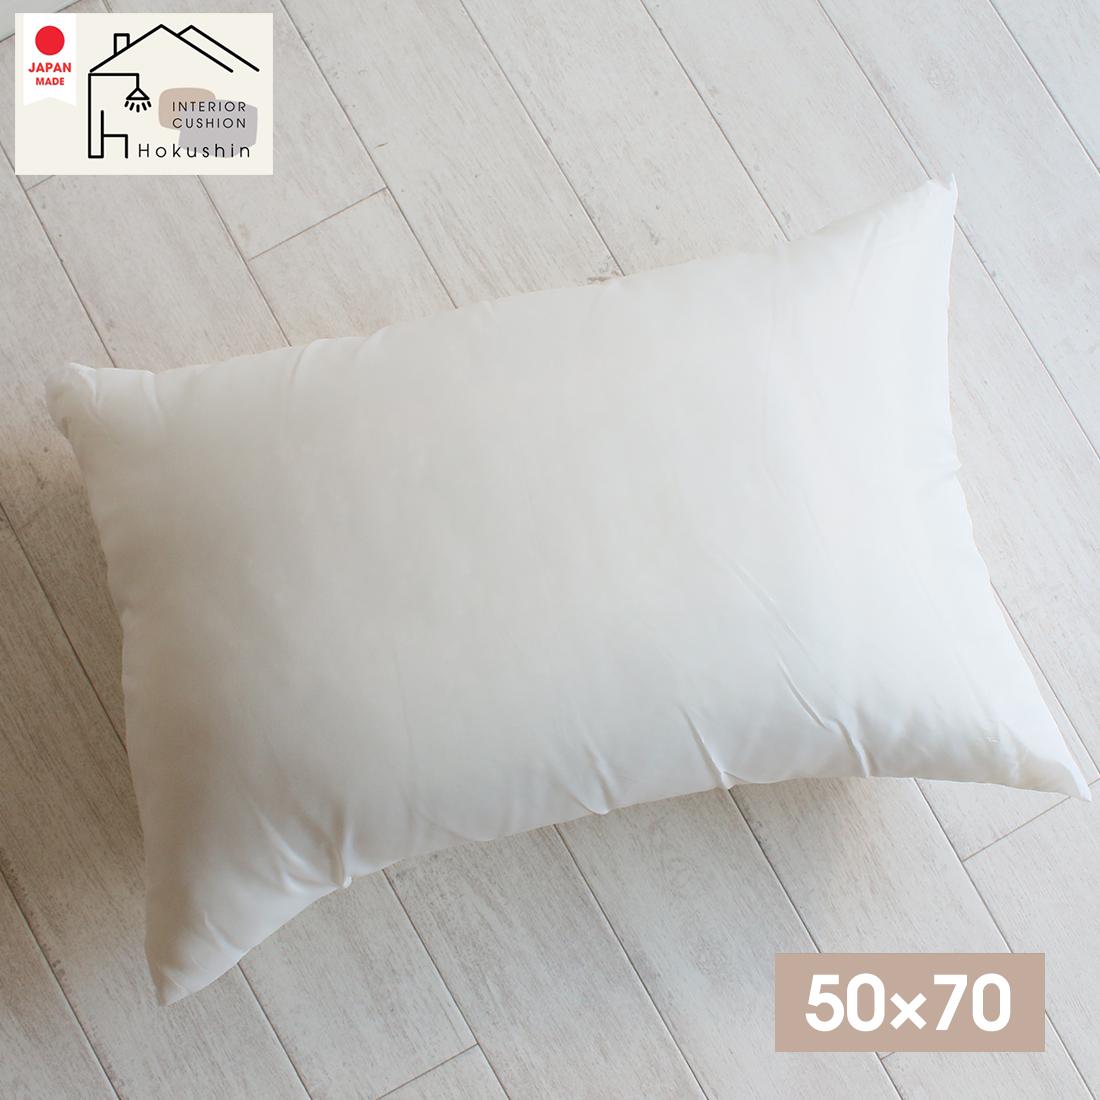 50×70 3個まで1梱包 代引き不可 抱き枕 中身 優先配送 洗える 佐川またはヤマト便 長い ストレート 快眠 いびき防止